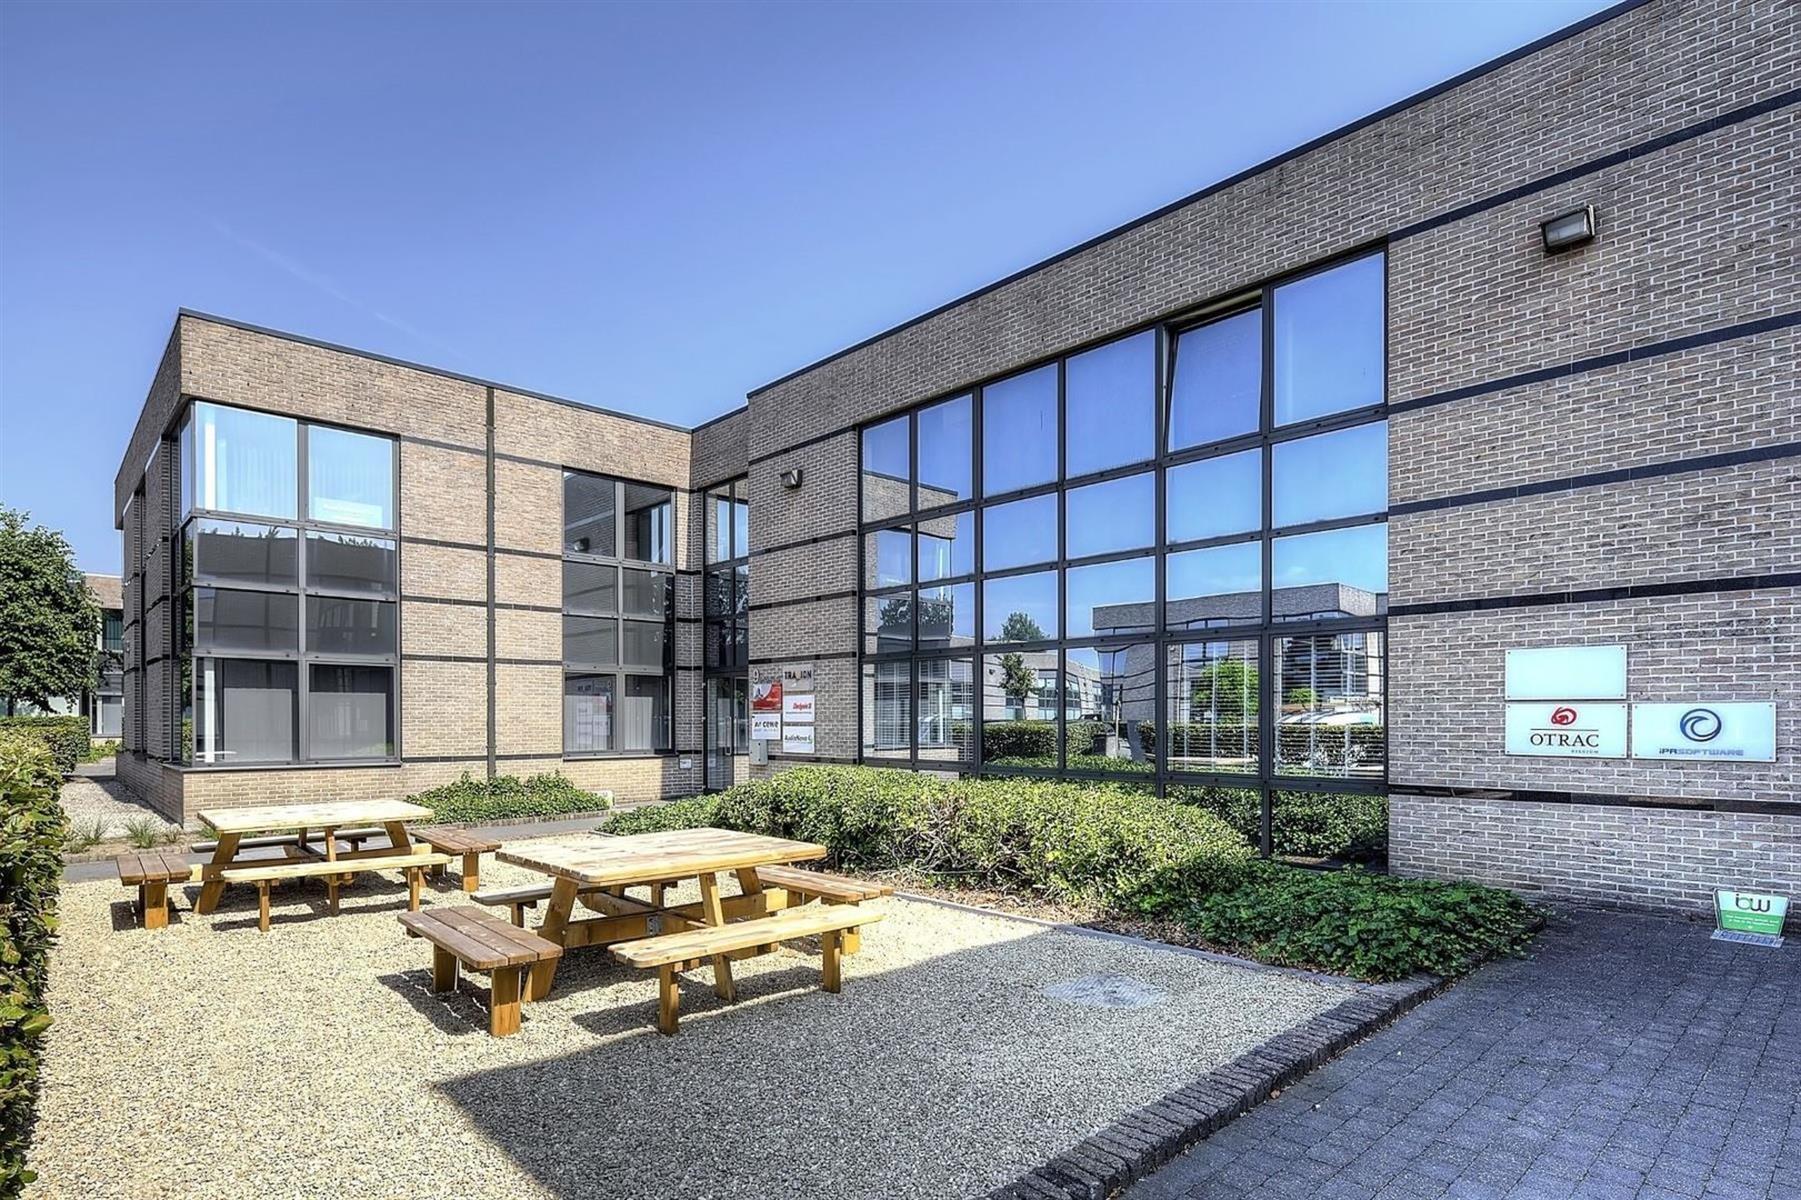 kantoor te huur I126 - 17C - unit 1/R+L - Generaal de Wittelaan 17, 2800 Mechelen, België 3